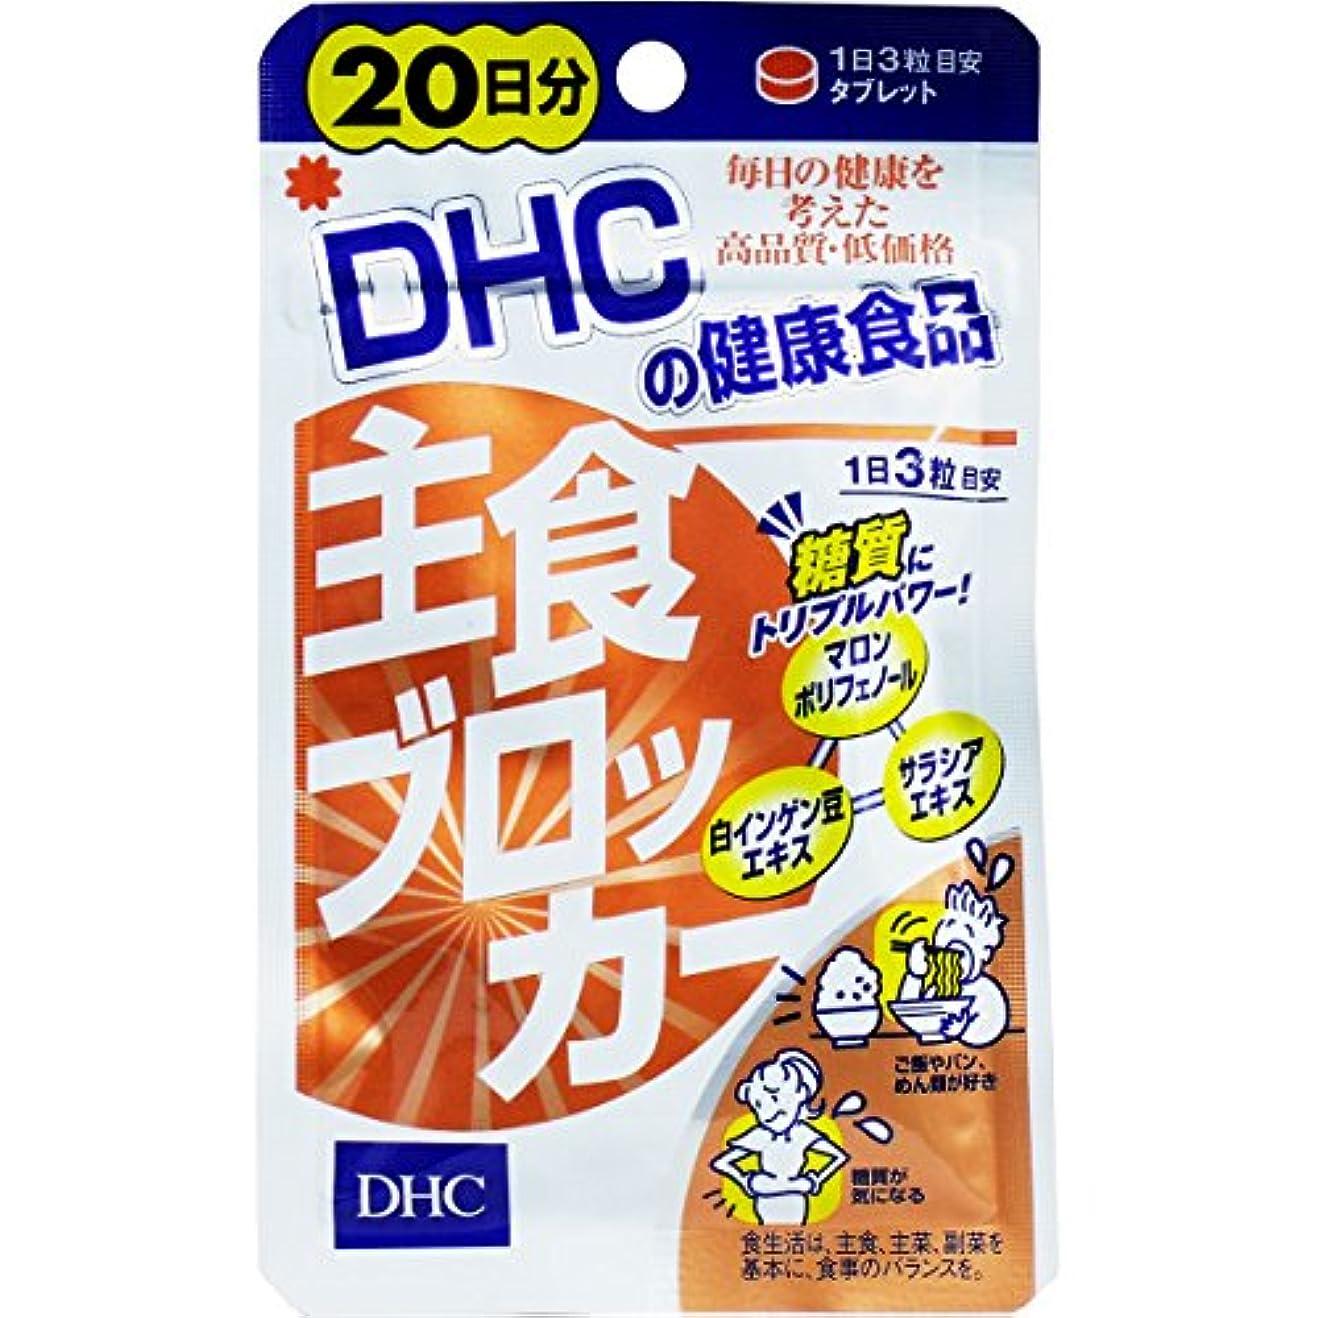 噴水不承認豆DHC 主食ブロッカー 20日分 60粒(12g) ×4個セット